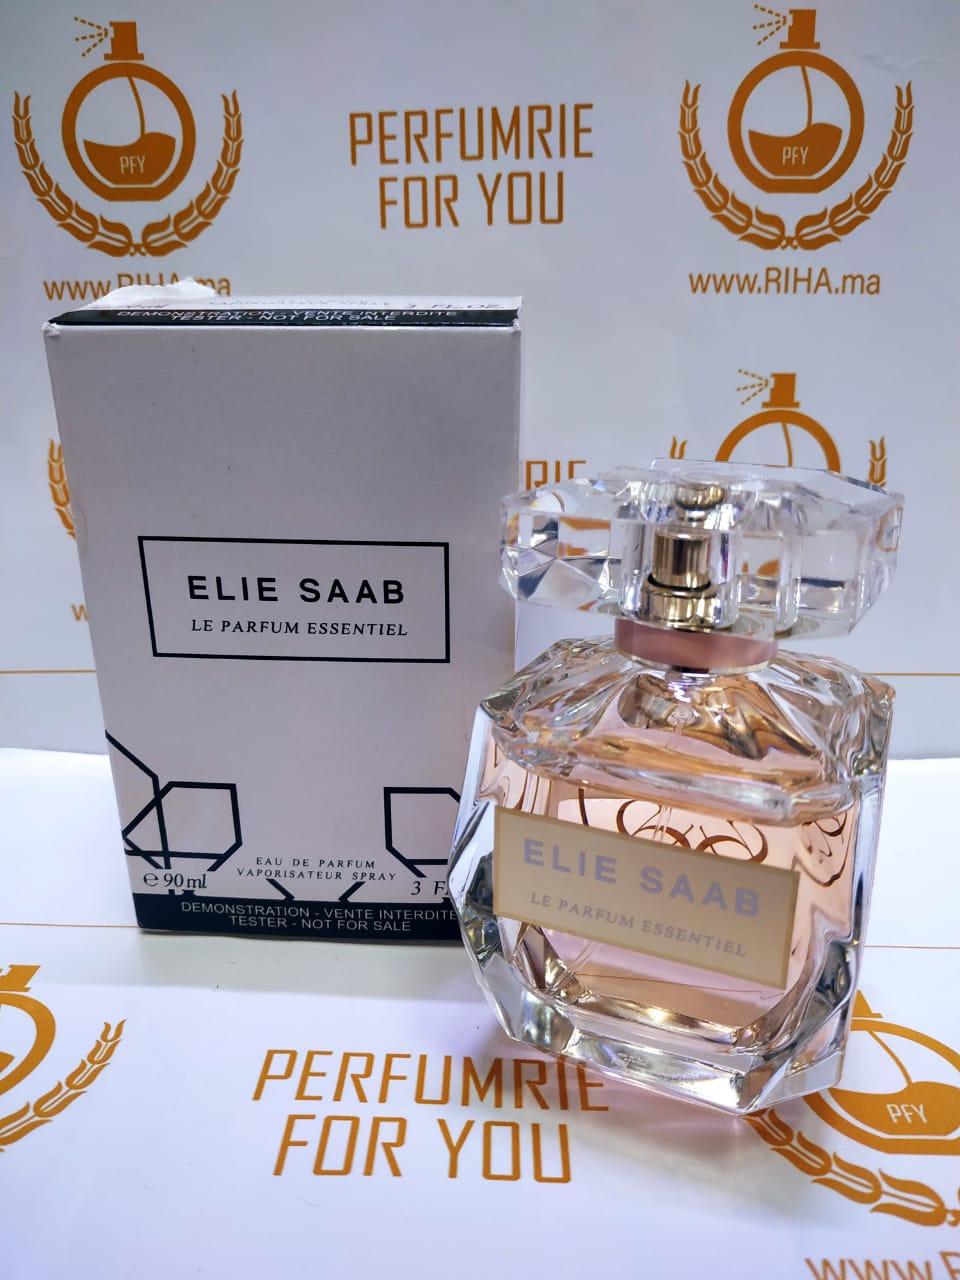 Testeur Parfum Essentiel Elie Saab Eau De Parfum Pour Femme 90ml Riha Vente De Parfum Original Au Maroc